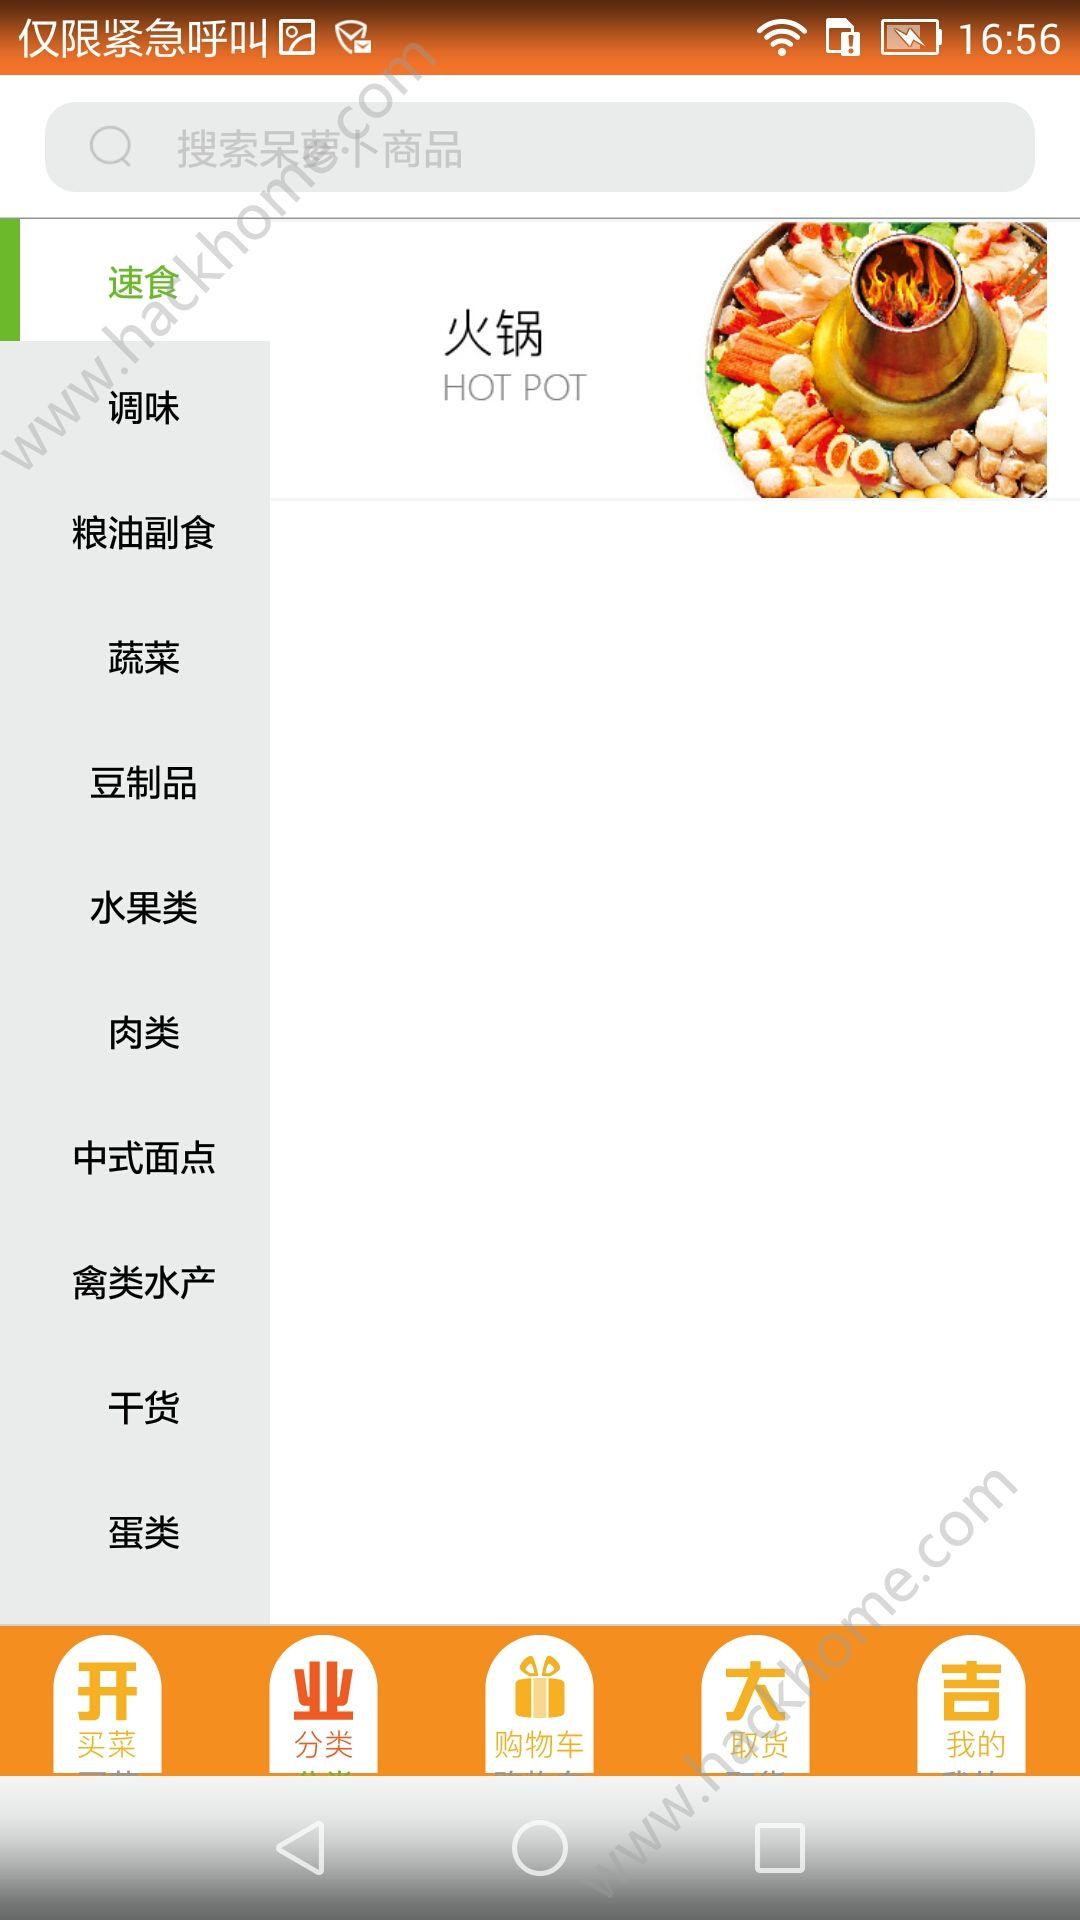 呆萝卜app测评:方便大众的综合生鲜购物平台[多图]图片3